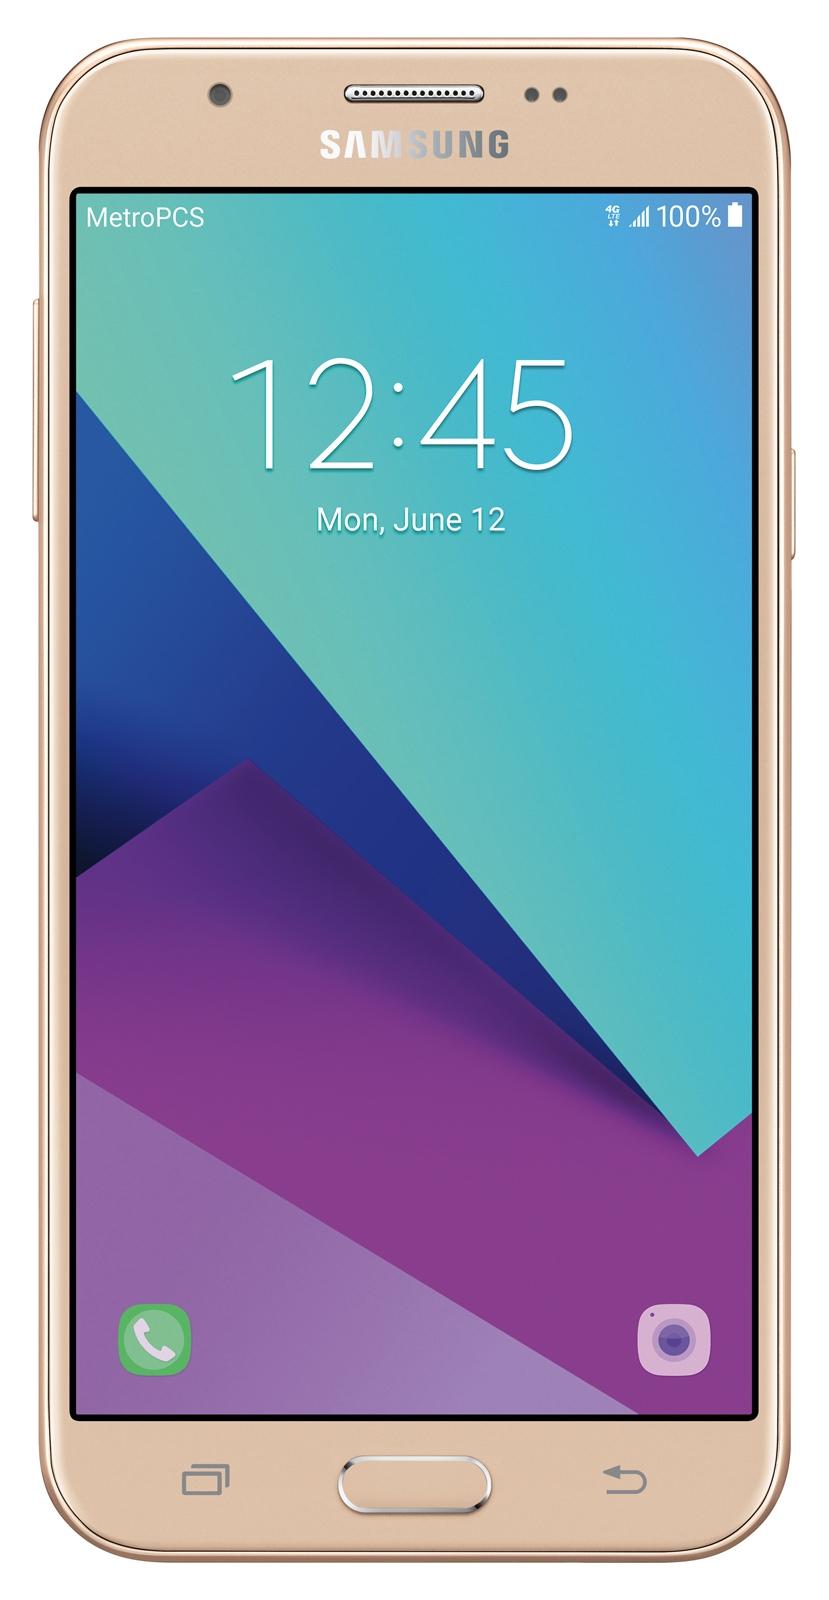 Galaxy J7 Prime (MetroPCS) Phones - SM-J727TZDATMK | Samsung US